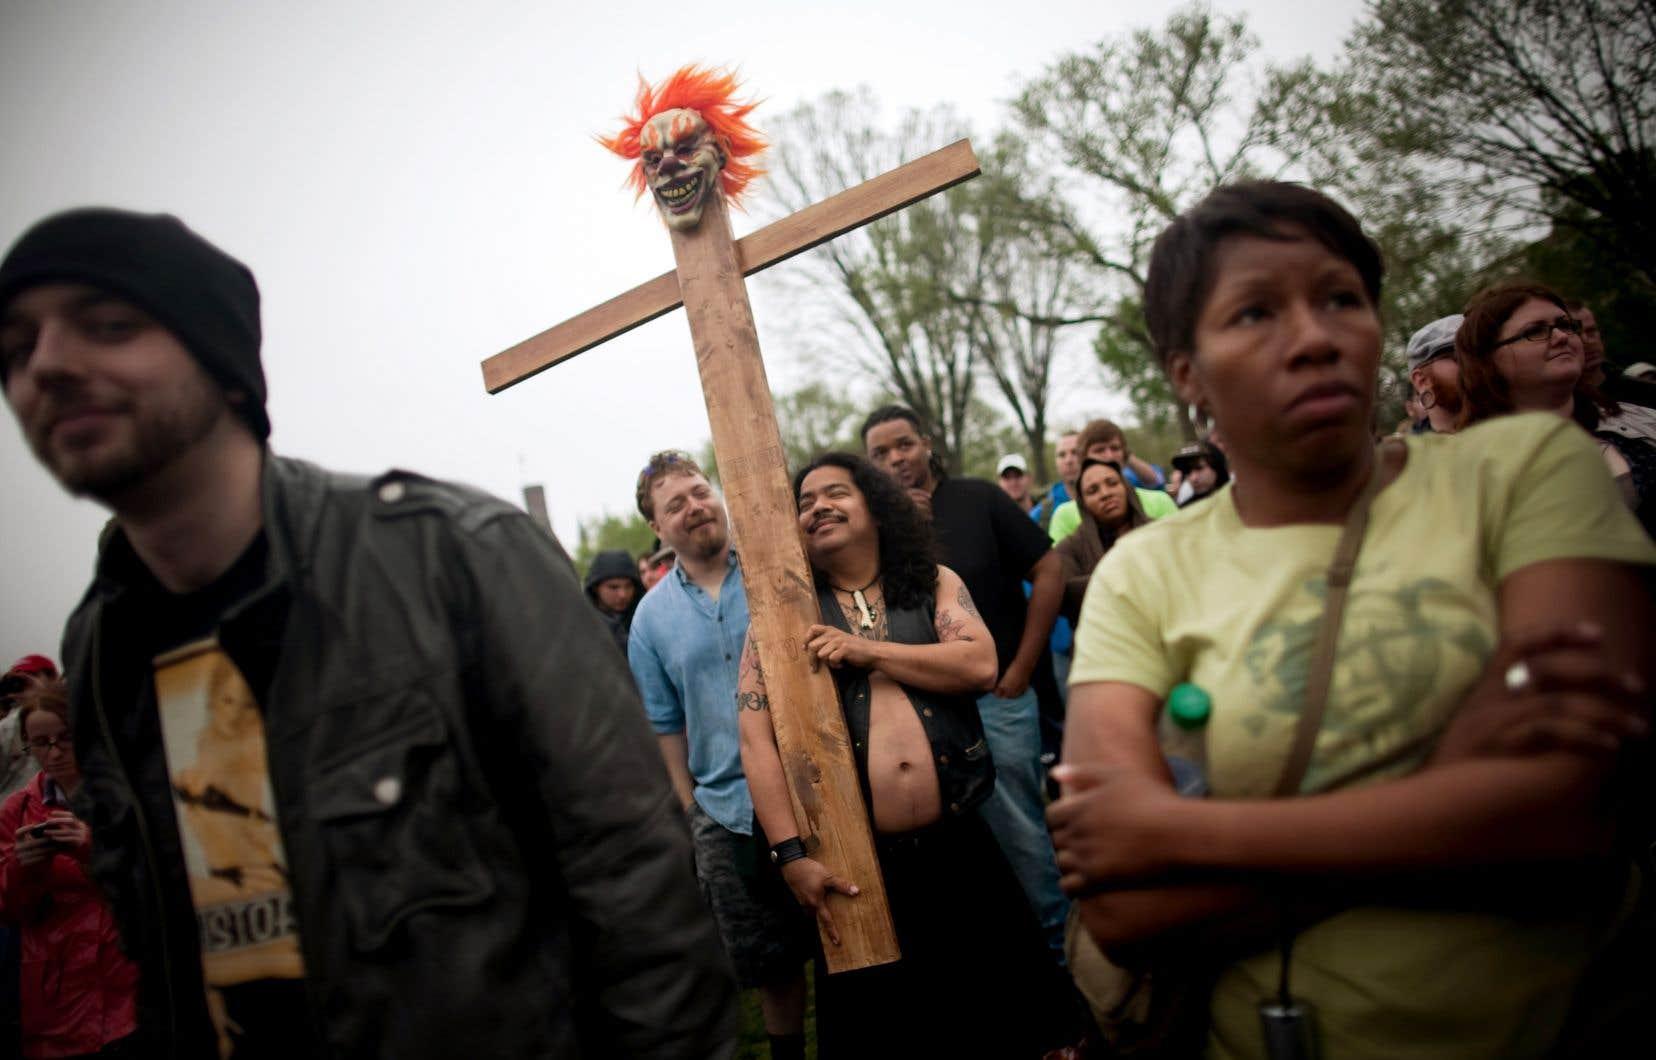 Le nombre d'Américains qui ne sont affiliés à aucune religion est en hausse constante. En 10 ans, ils sont passés de 17% à 26% de la population américaine.